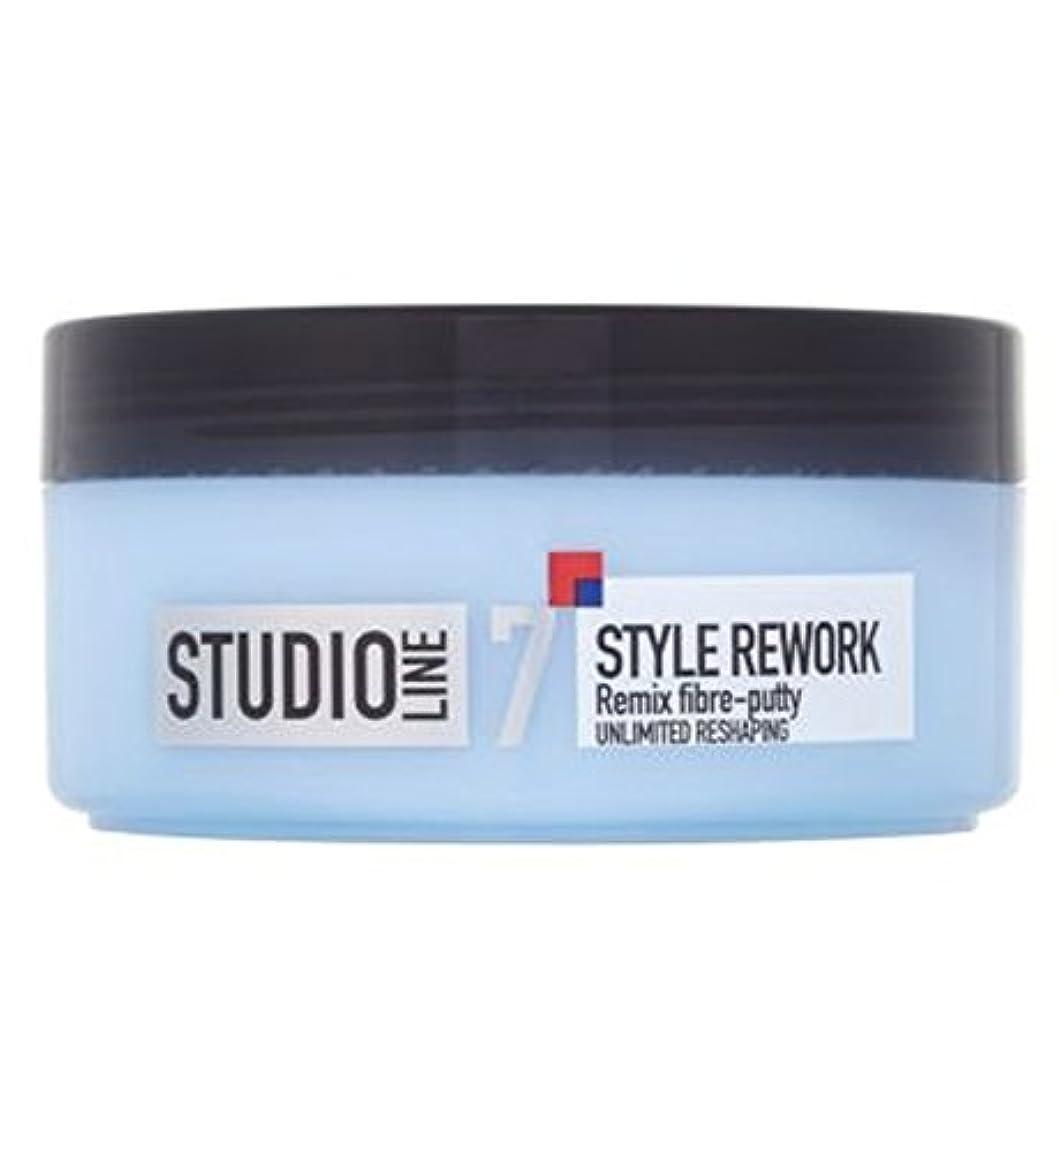 一時的始まり連鎖L'Oreall Studio Line Style Rework Remix Fibre-Putty 150ml - L'Oreallスタジオラインスタイルリワークリミックス繊維パテ150ミリリットル (L'Oreal...